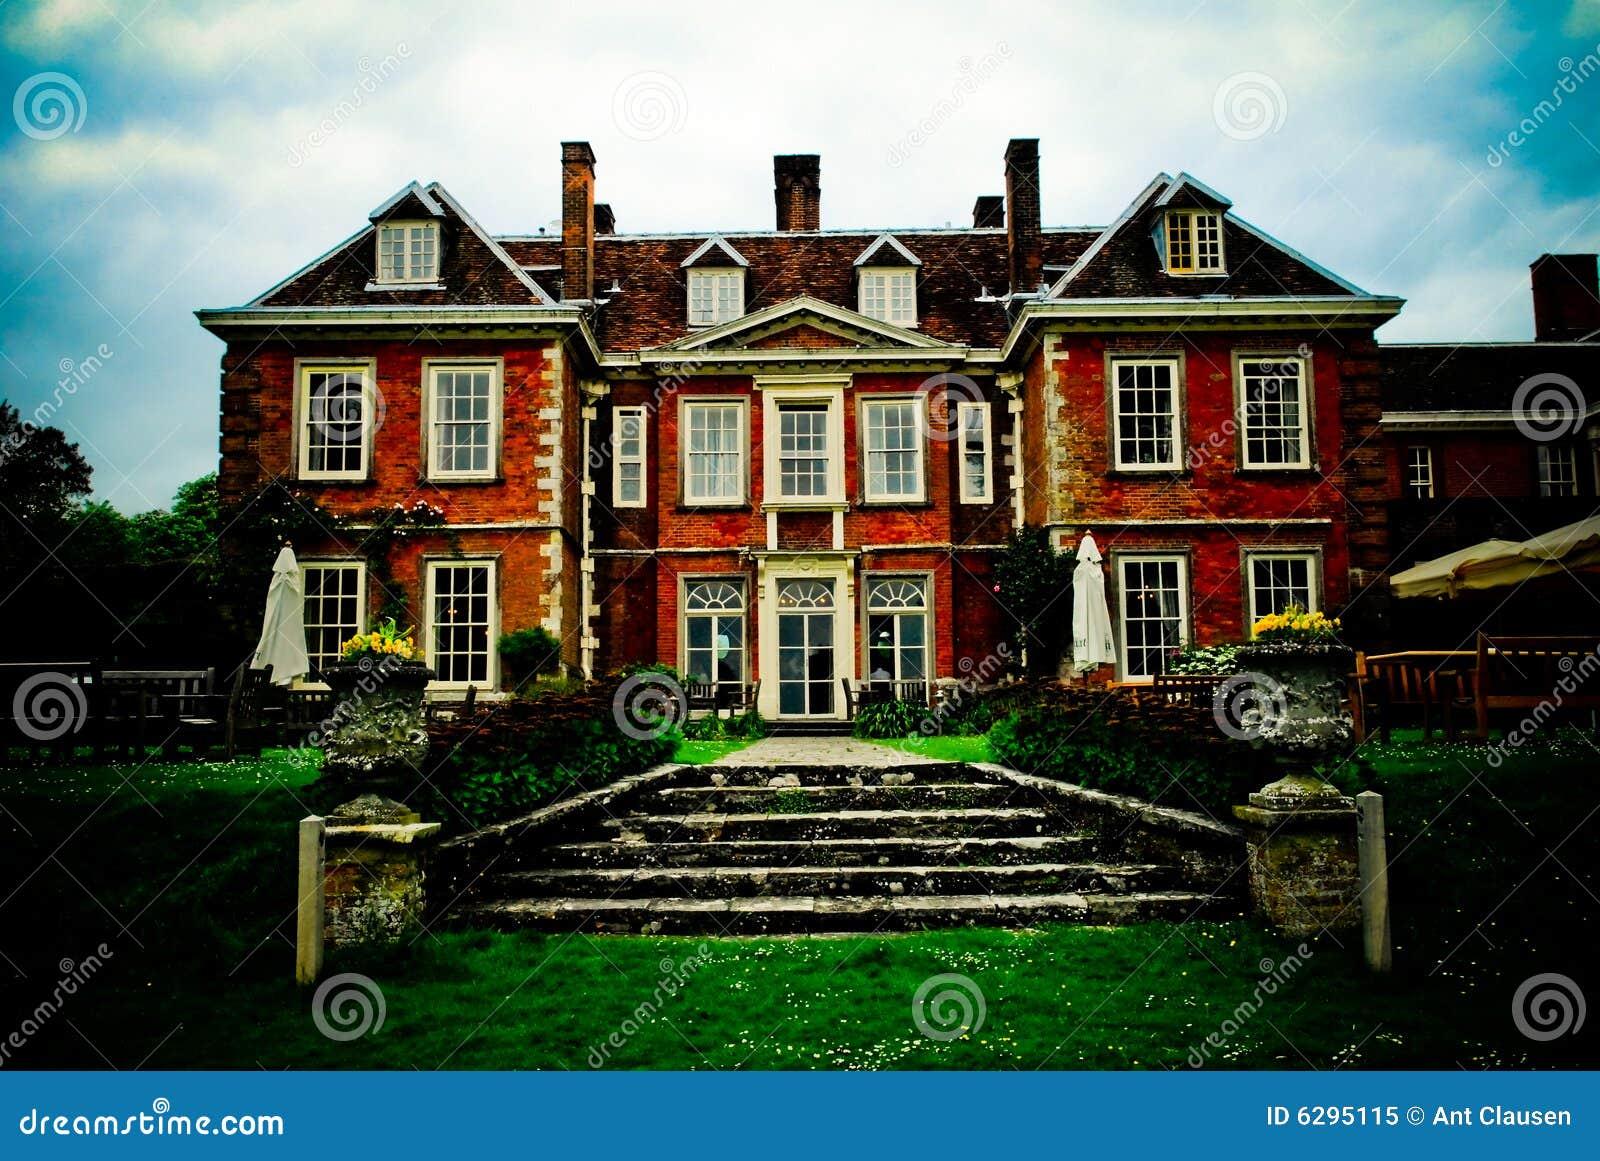 Maison anglaise majestueuse image stock image 6295115 for Maison anglaise typique plan